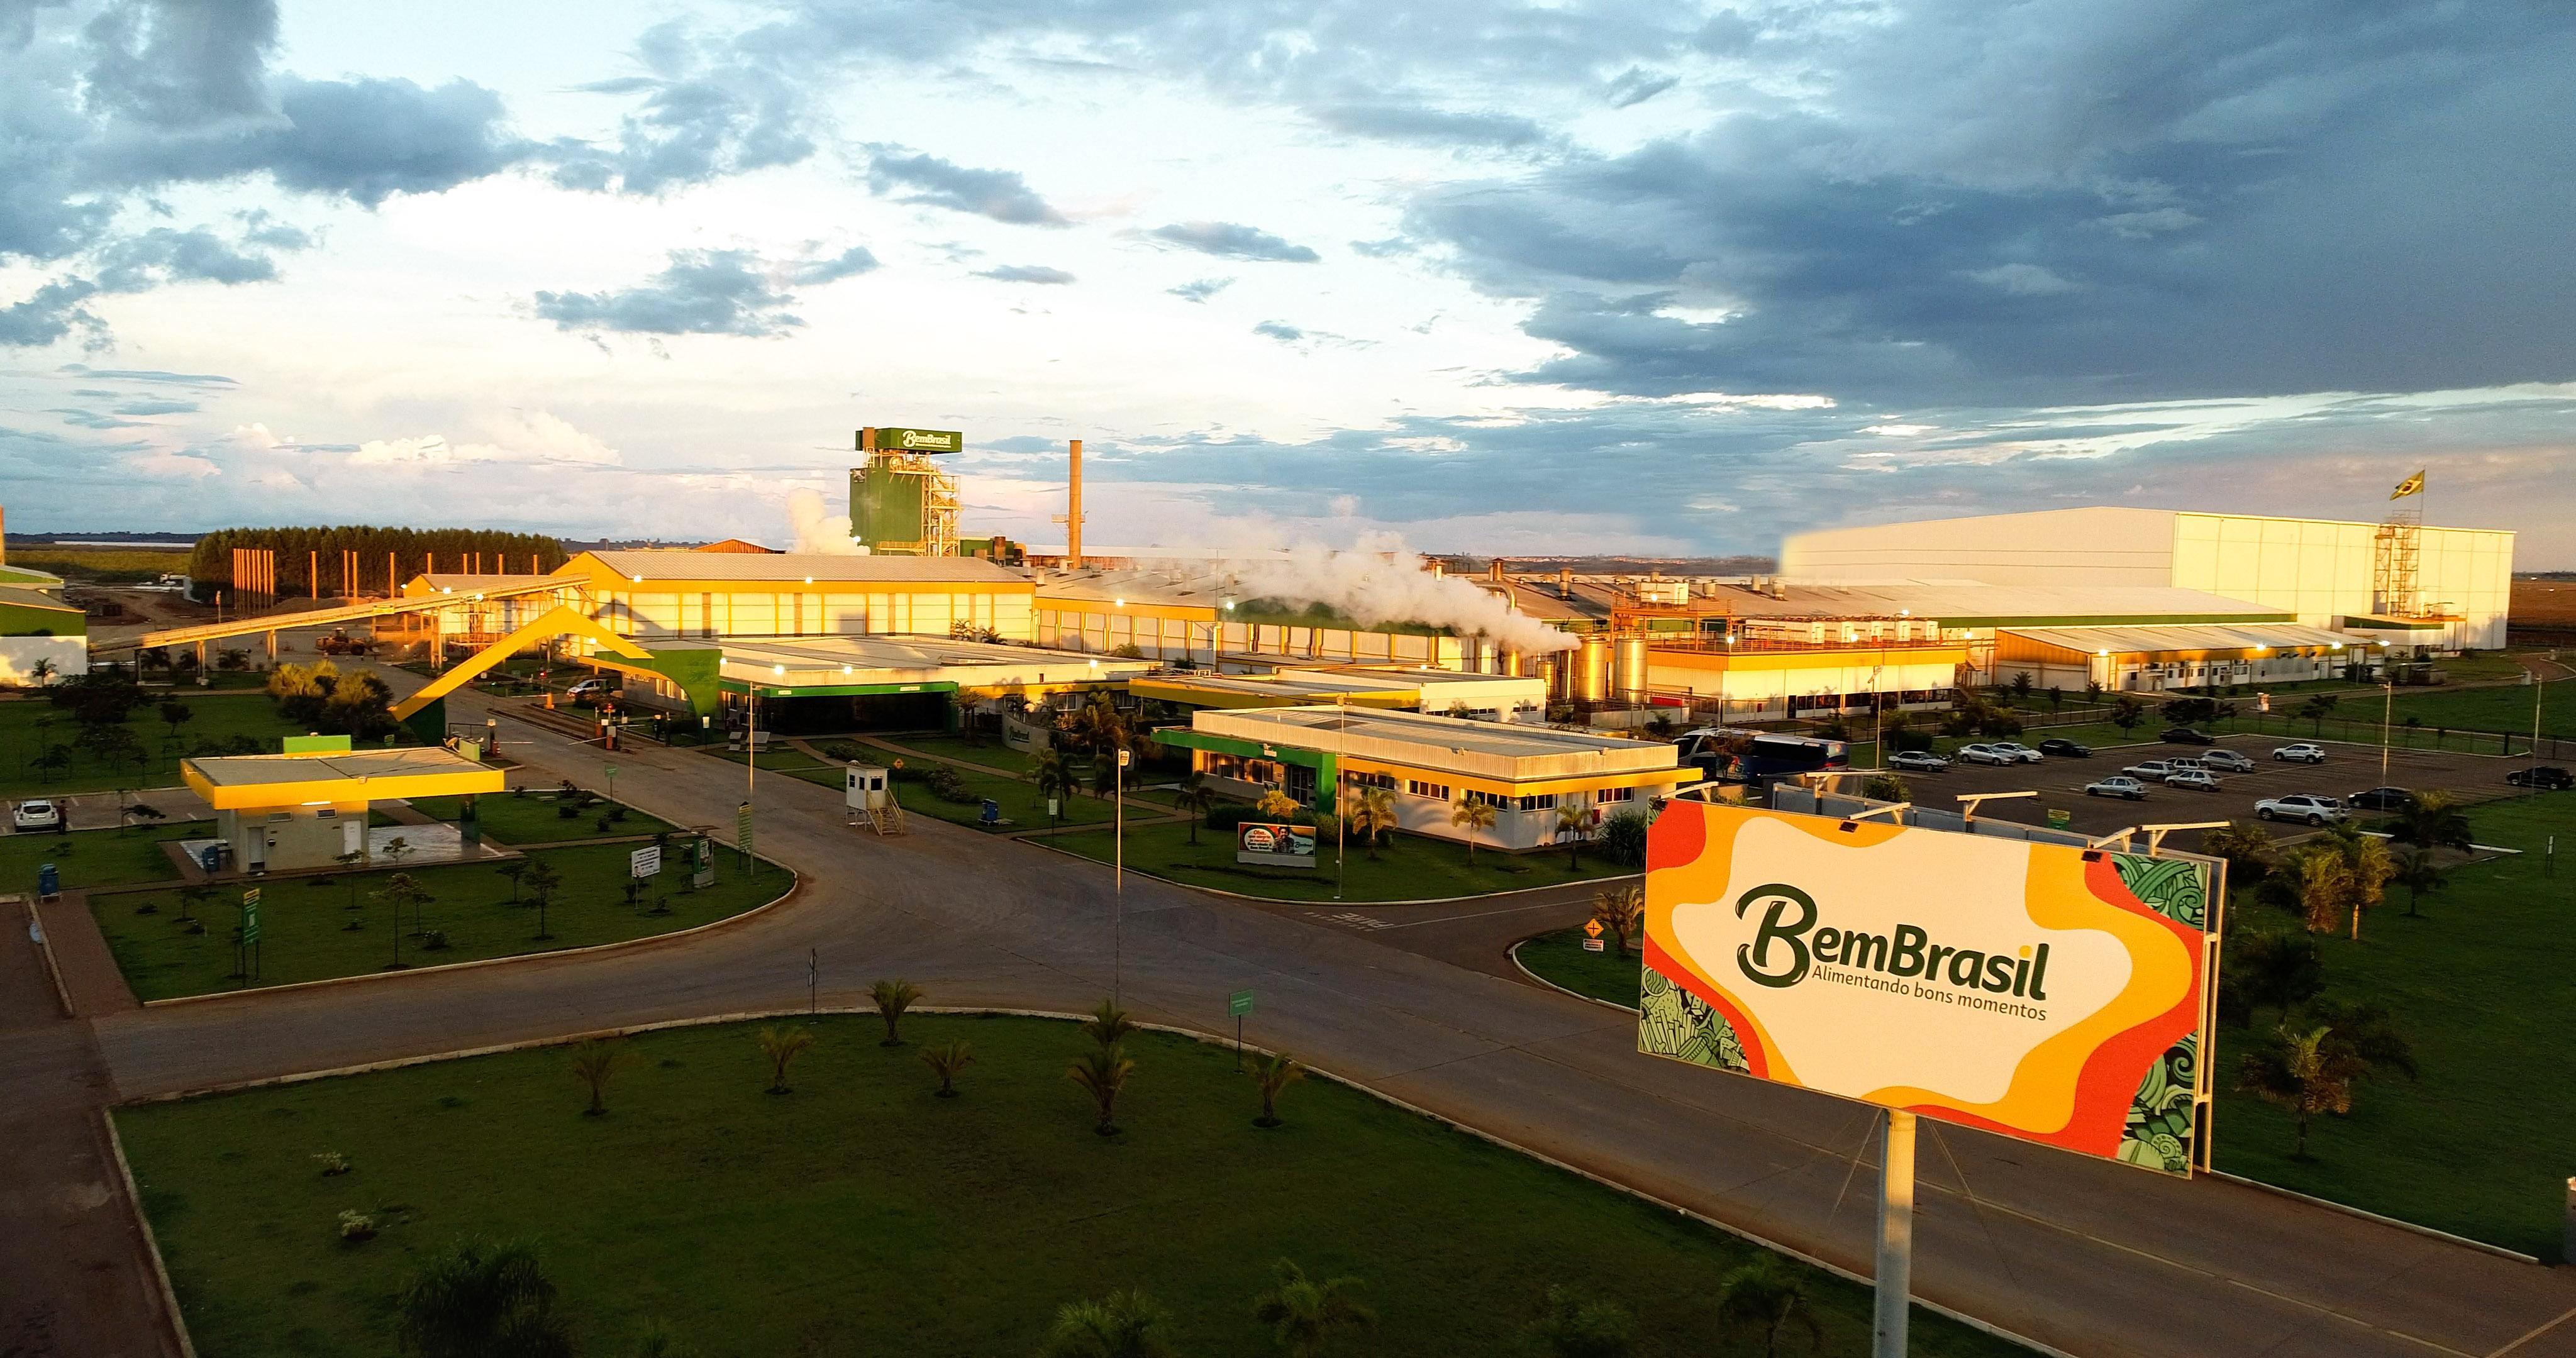 Cuidado com o meio ambiente faz parte do negócio da Bem Brasil